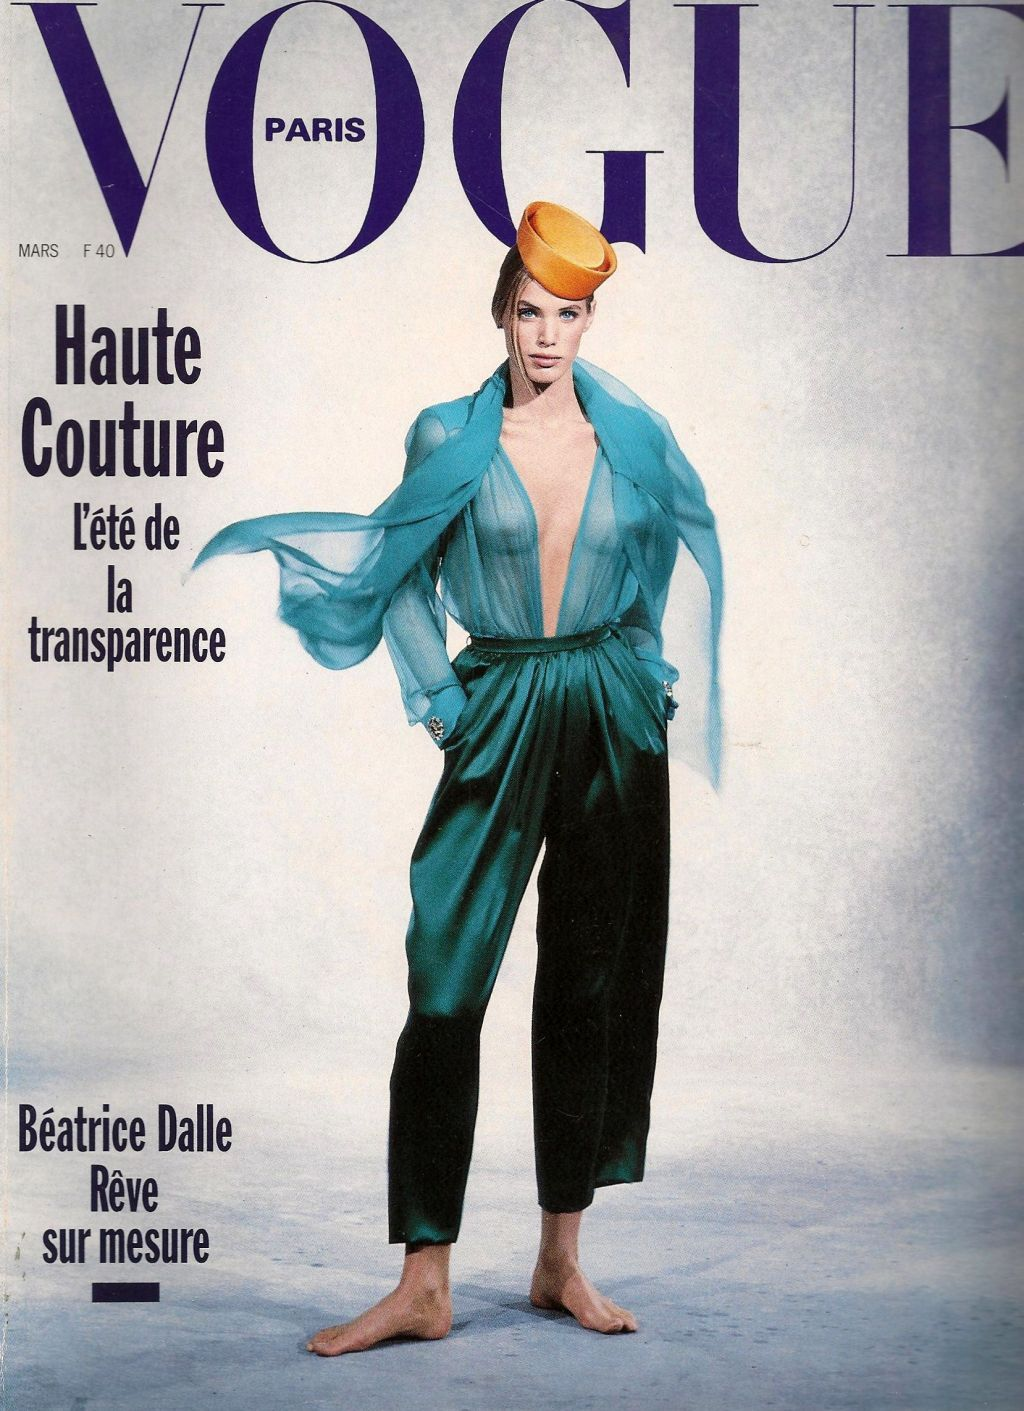 1989 - Yves Saint Laurent Couture ensemble Vogue Cover